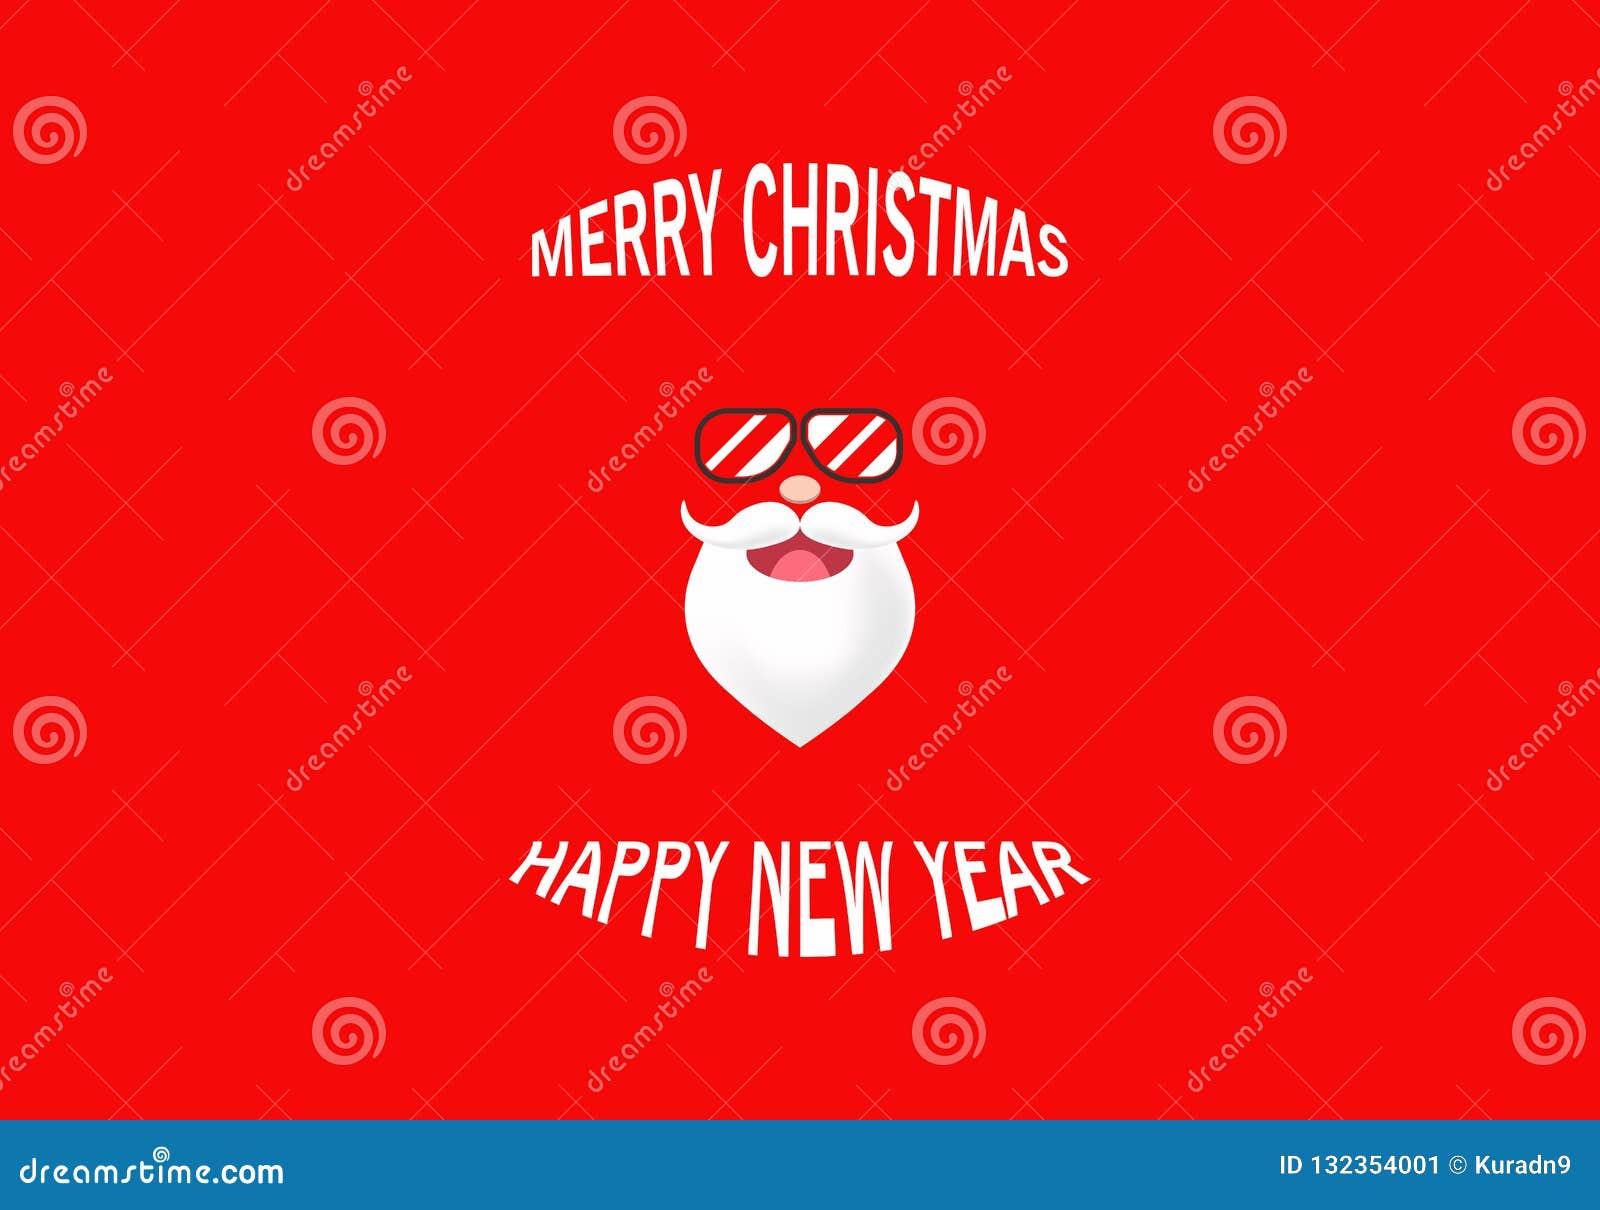 Wektorowy retro Święty Mikołaj charakter jest ubranym eyeglass z odbiciem w czerwonym tle